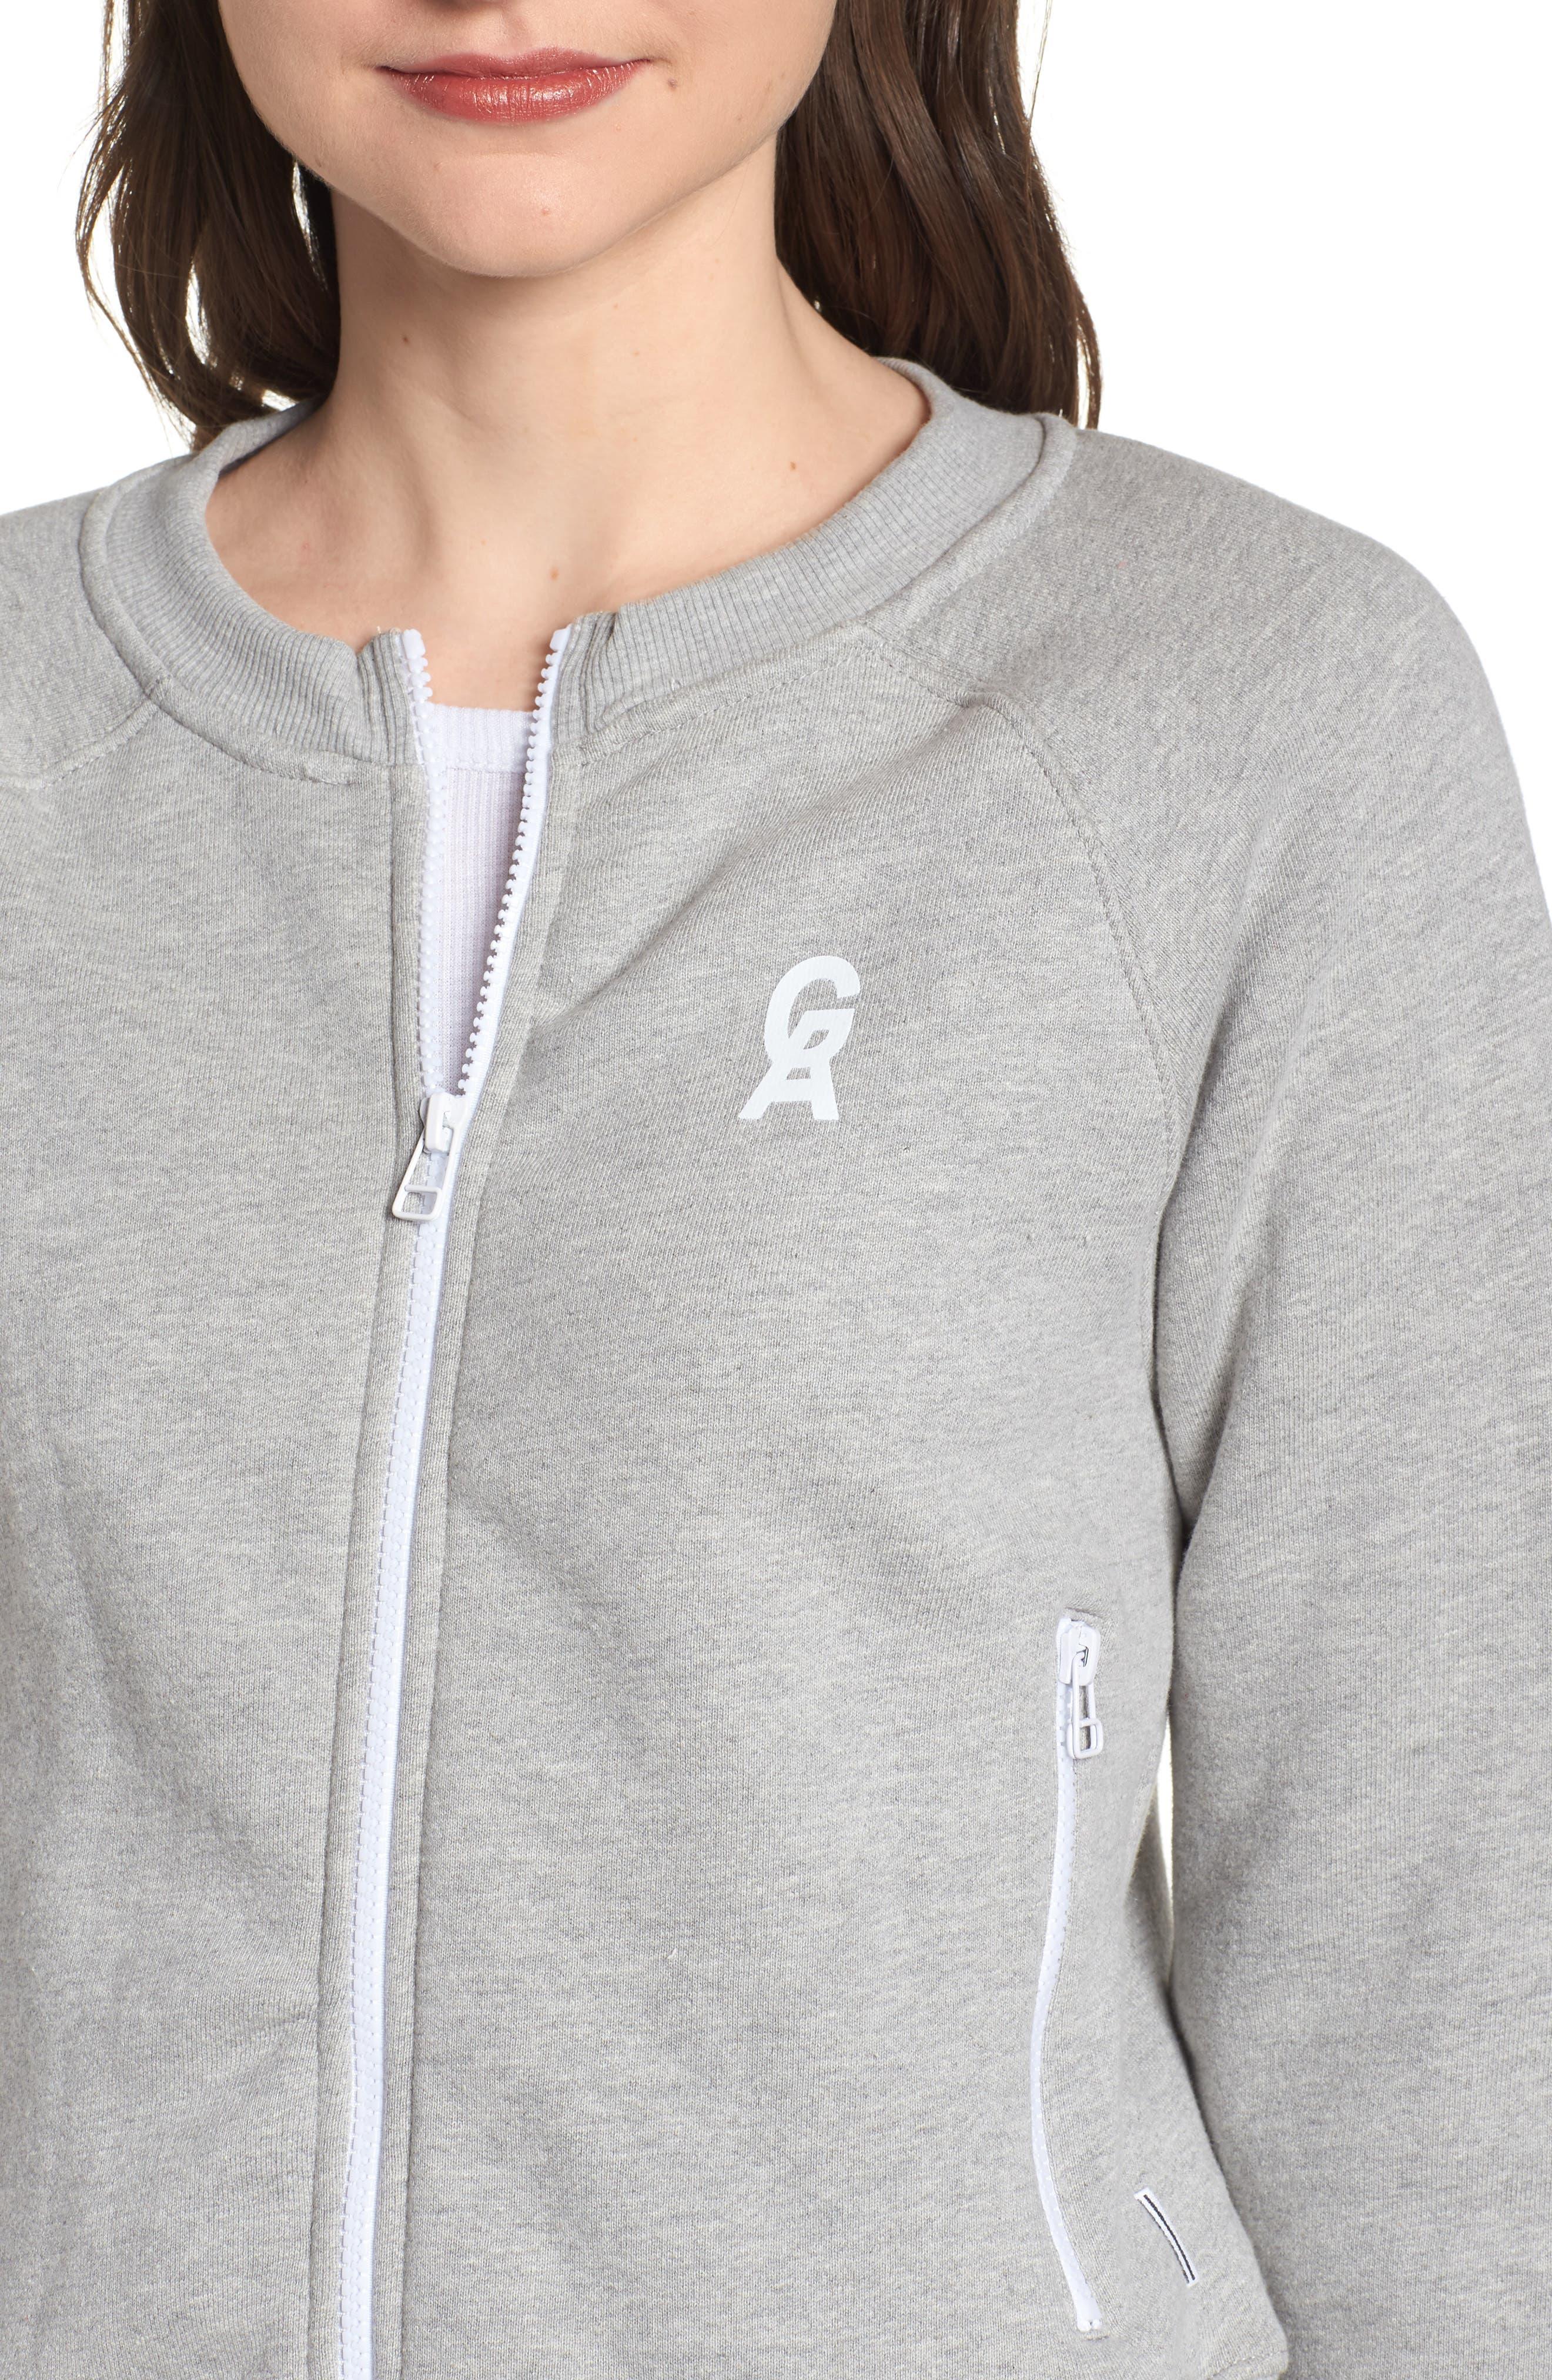 Crop Zip Sweatshirt,                             Alternate thumbnail 4, color,                             Heather Grey